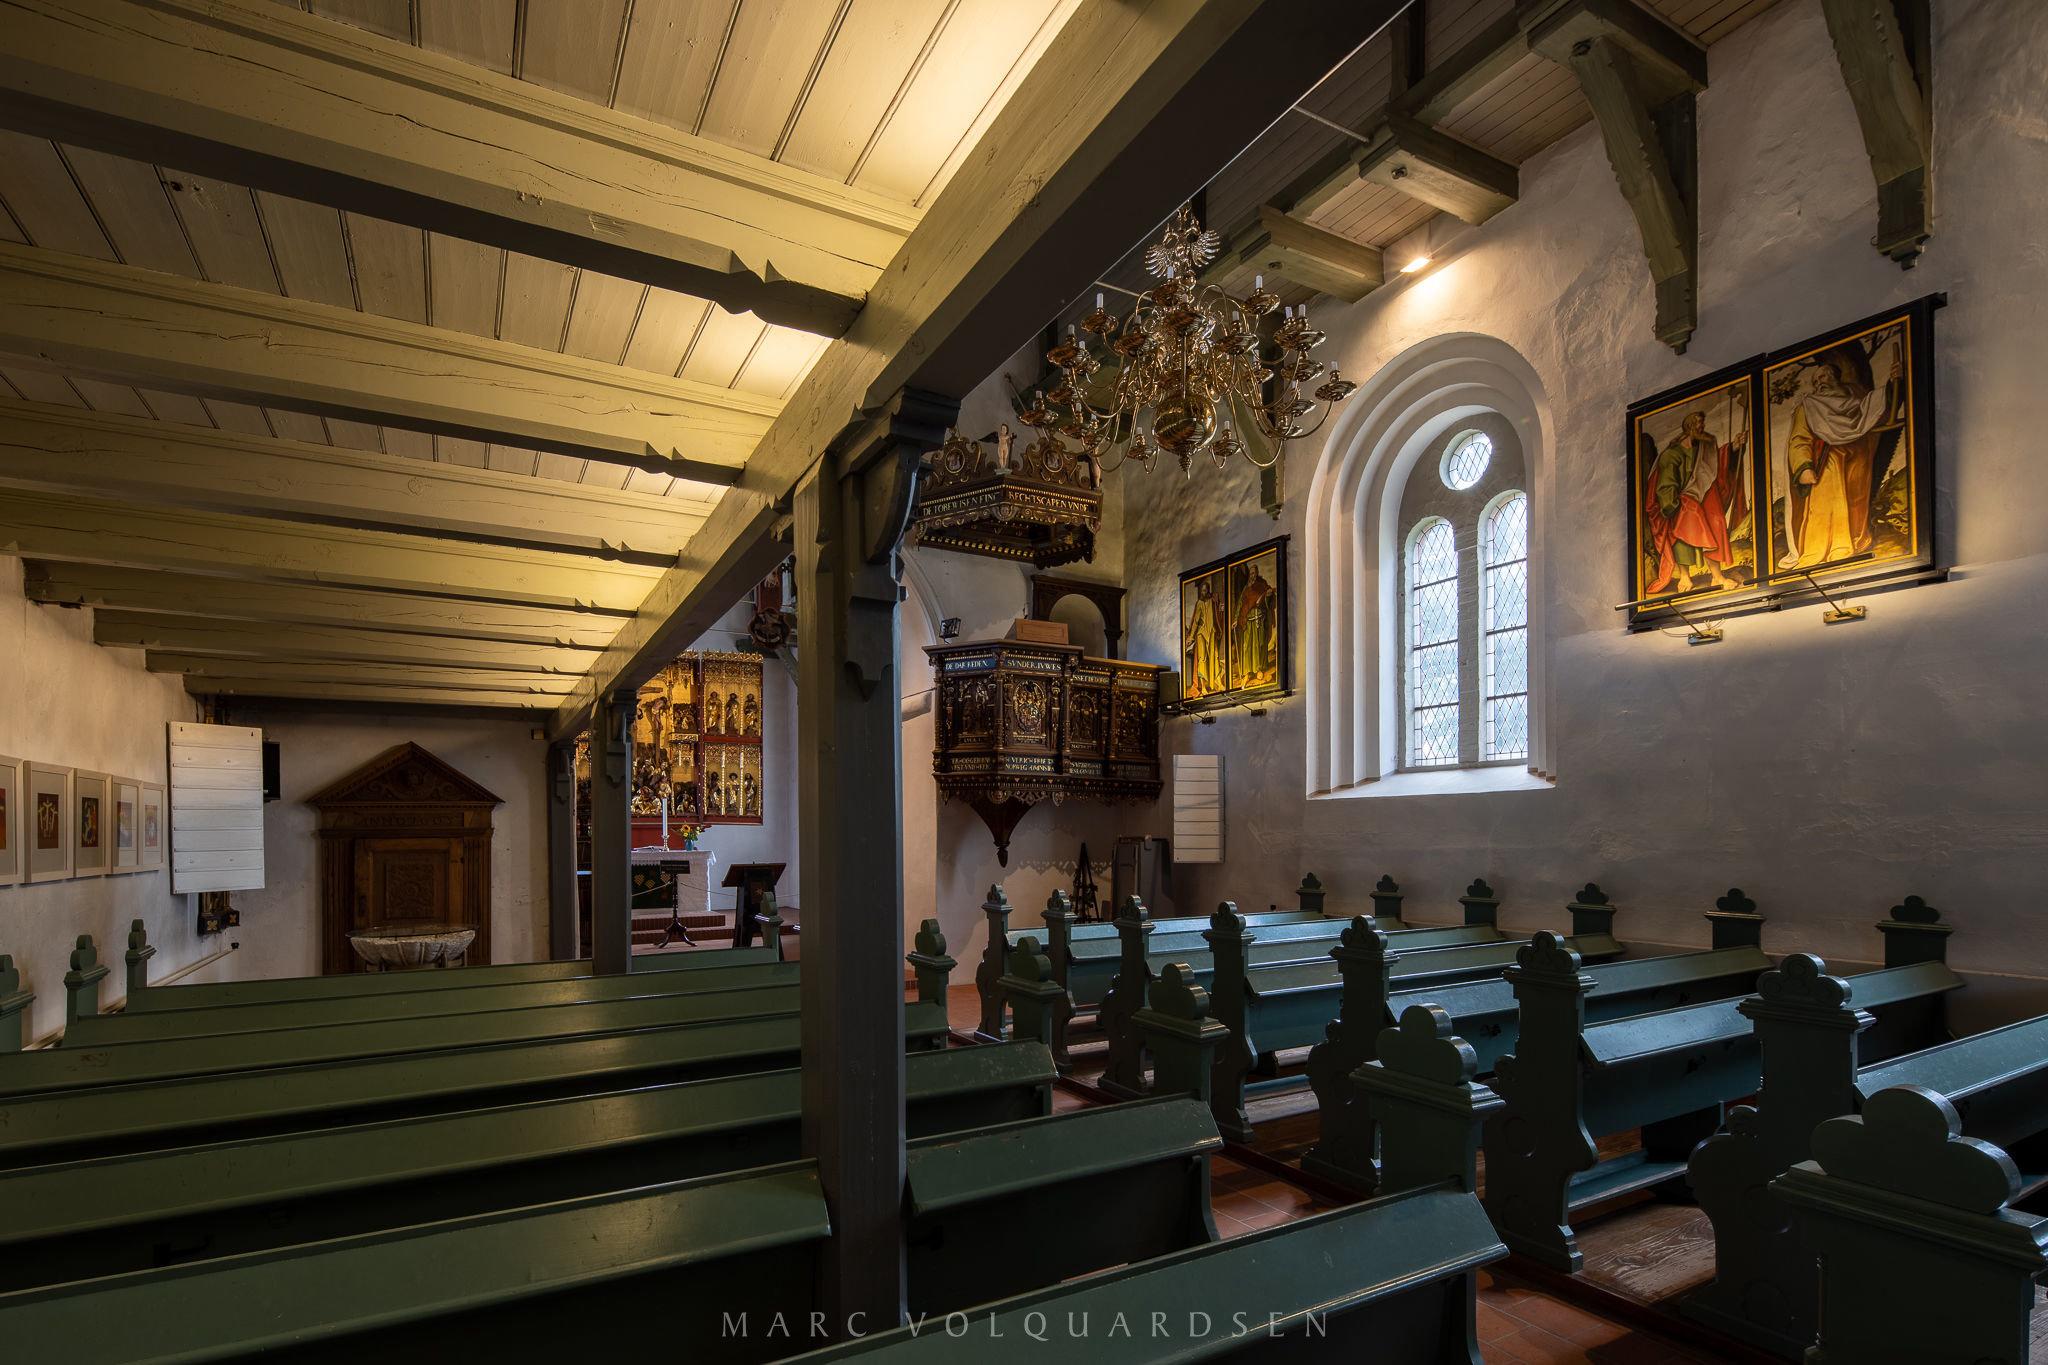 St. Jakobi Church Schwabstedt (1538)